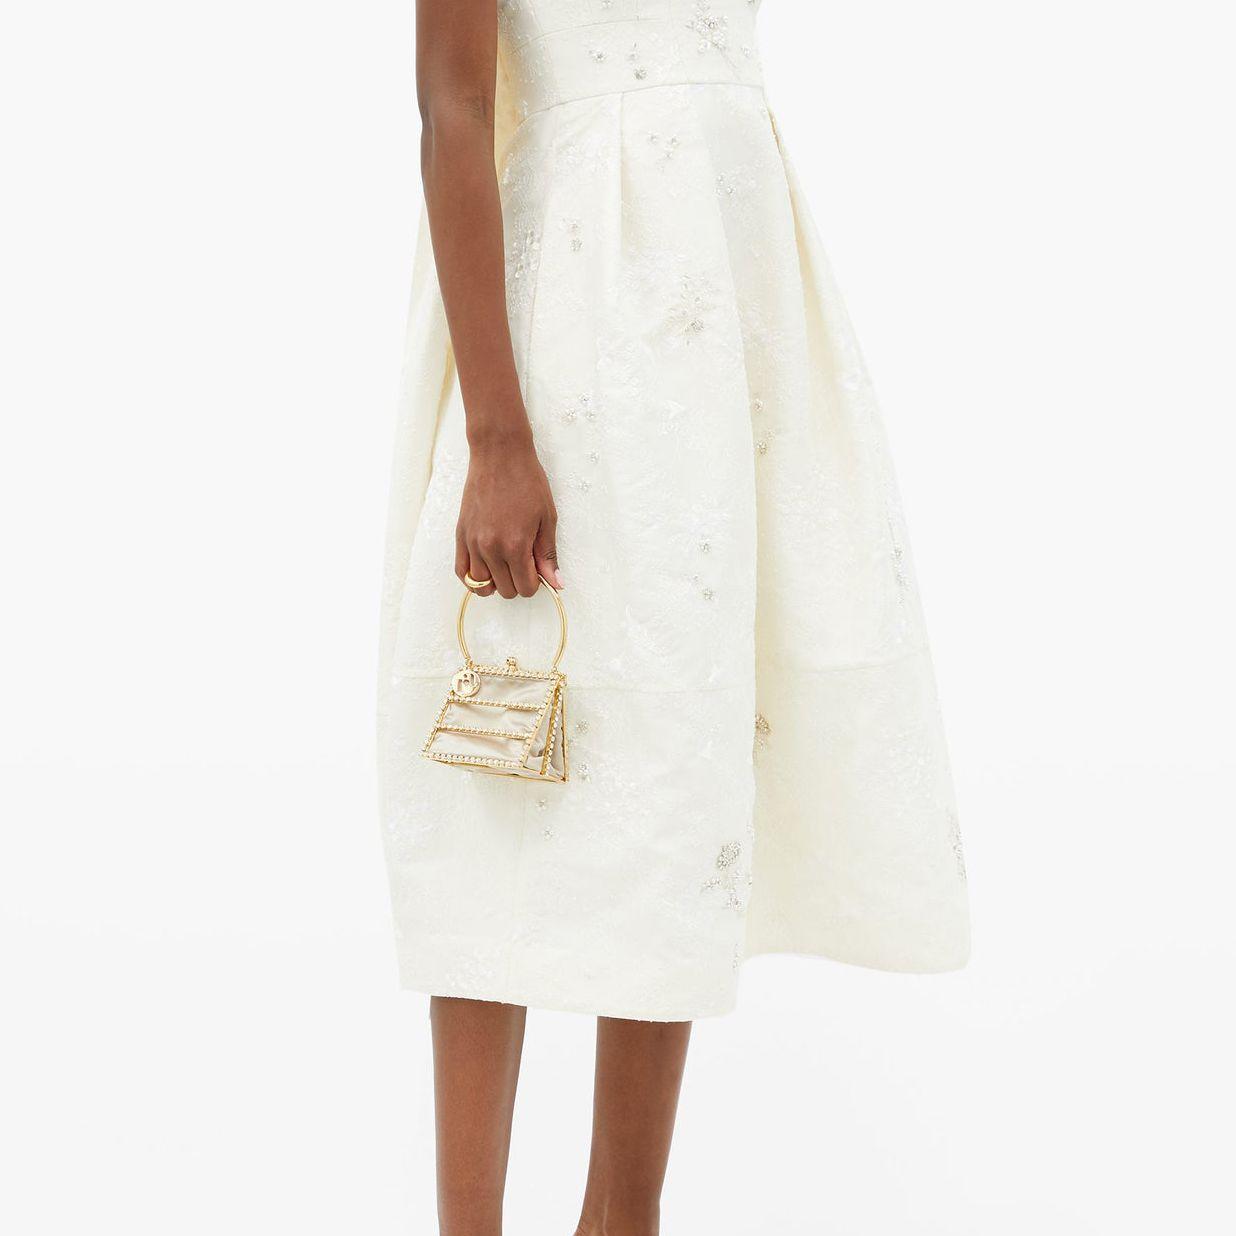 strapless embellished dress